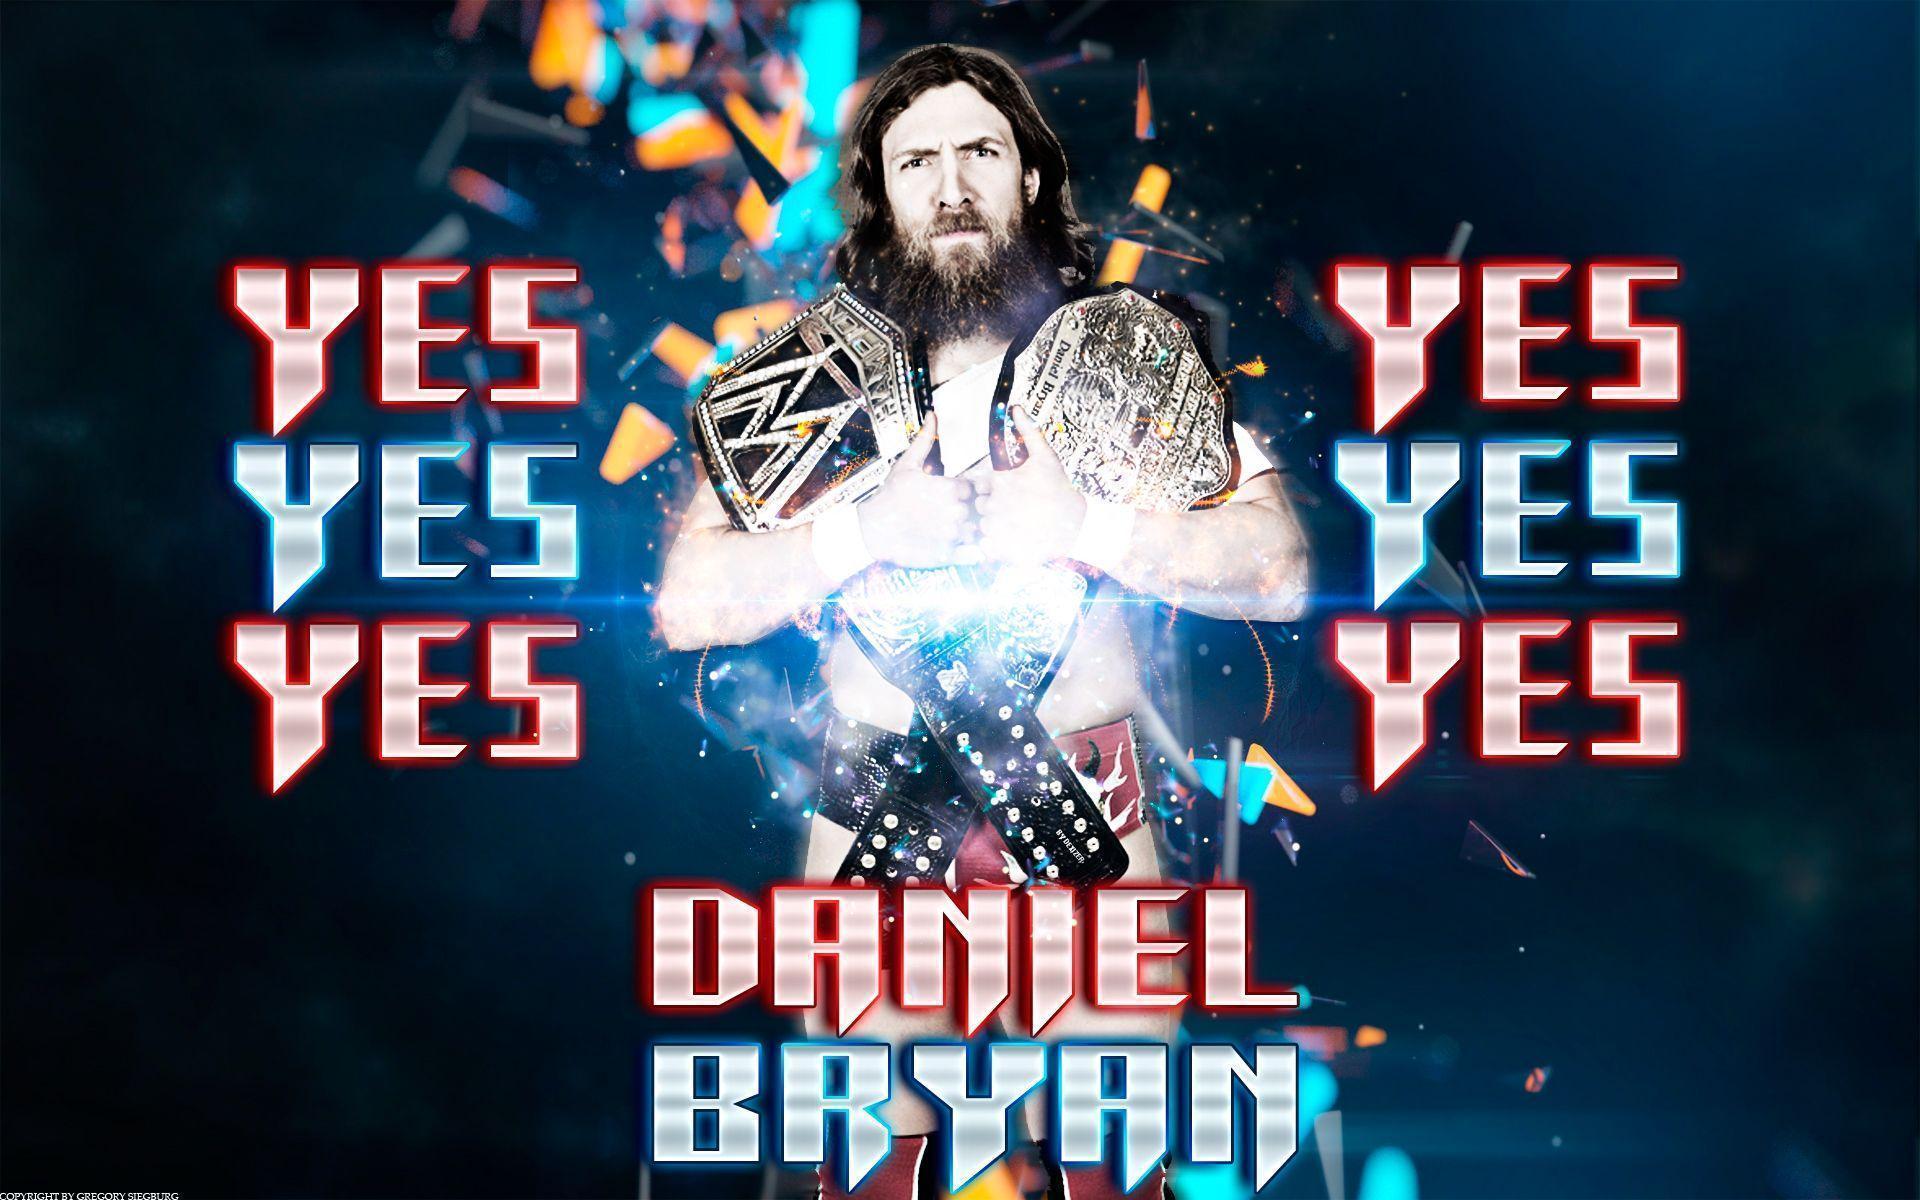 Daniel Bryan Wallpapers - Wallpaper CaveDaniel Bryan Wrestlemania 30 Wallpaper